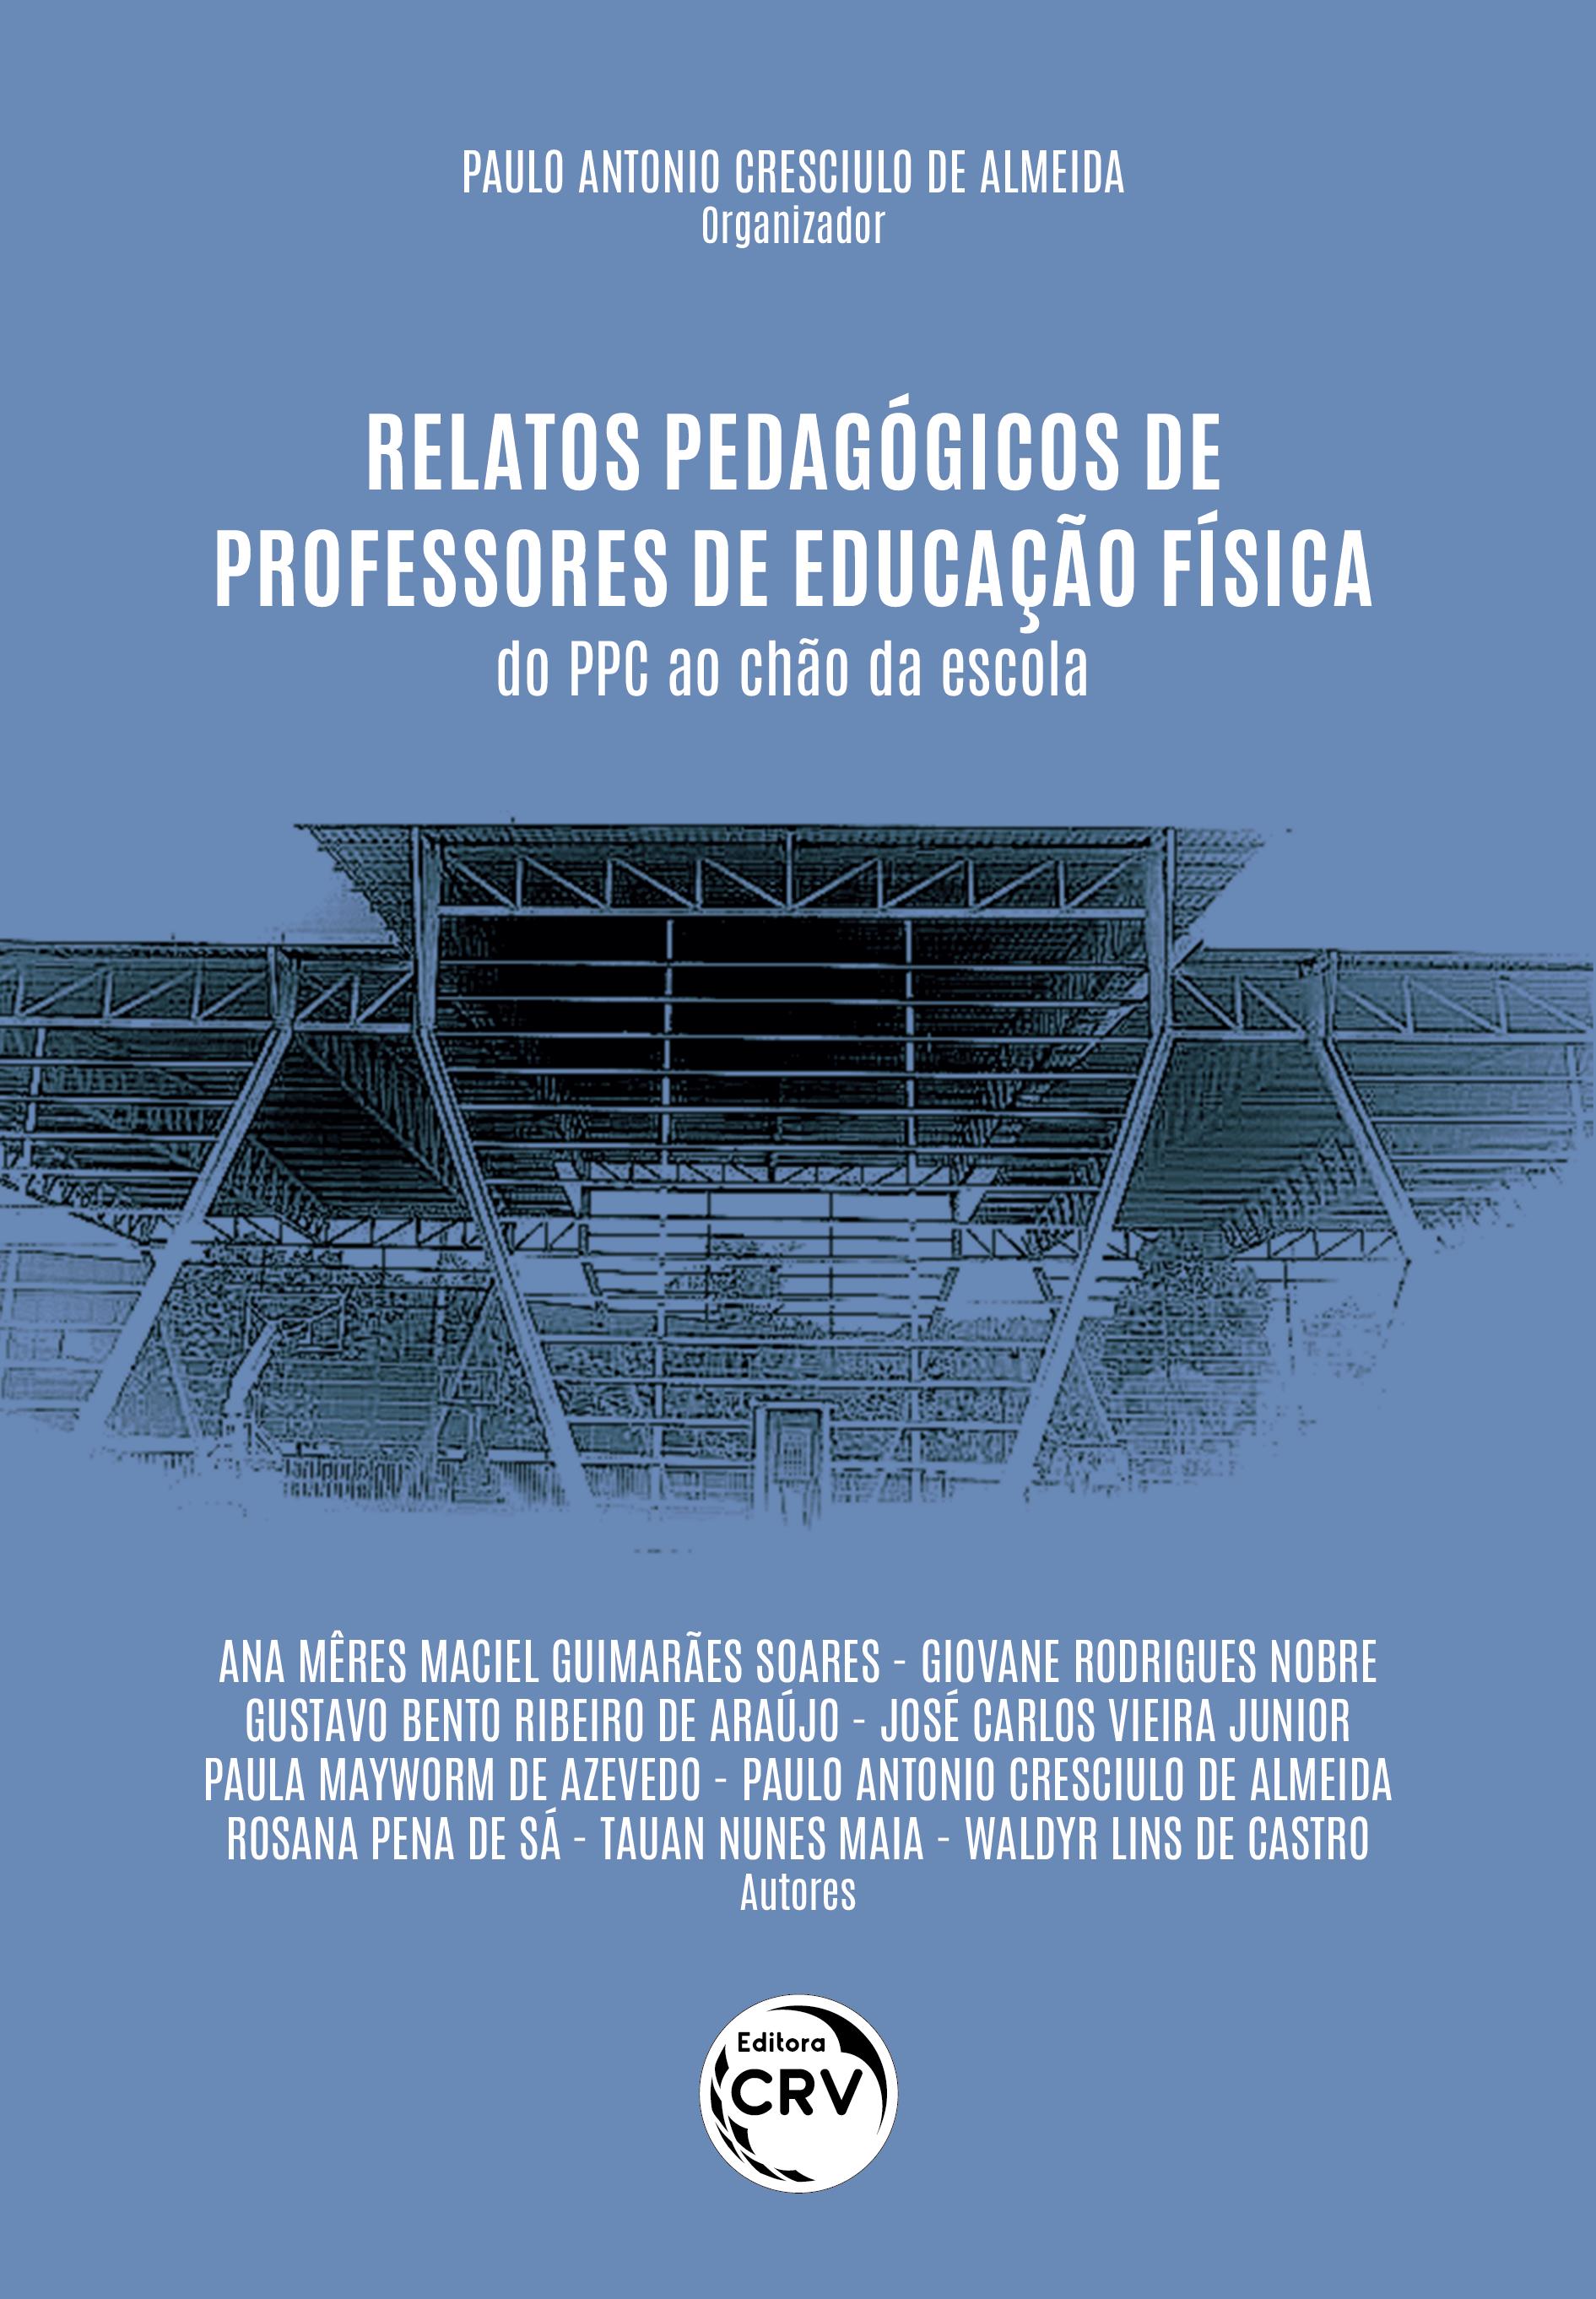 Capa do livro: RELATOS PEDAGÓGICOS DE PROFESSORES DE EDUCAÇÃO FÍSICA: <br>do PPC ao chão da escola